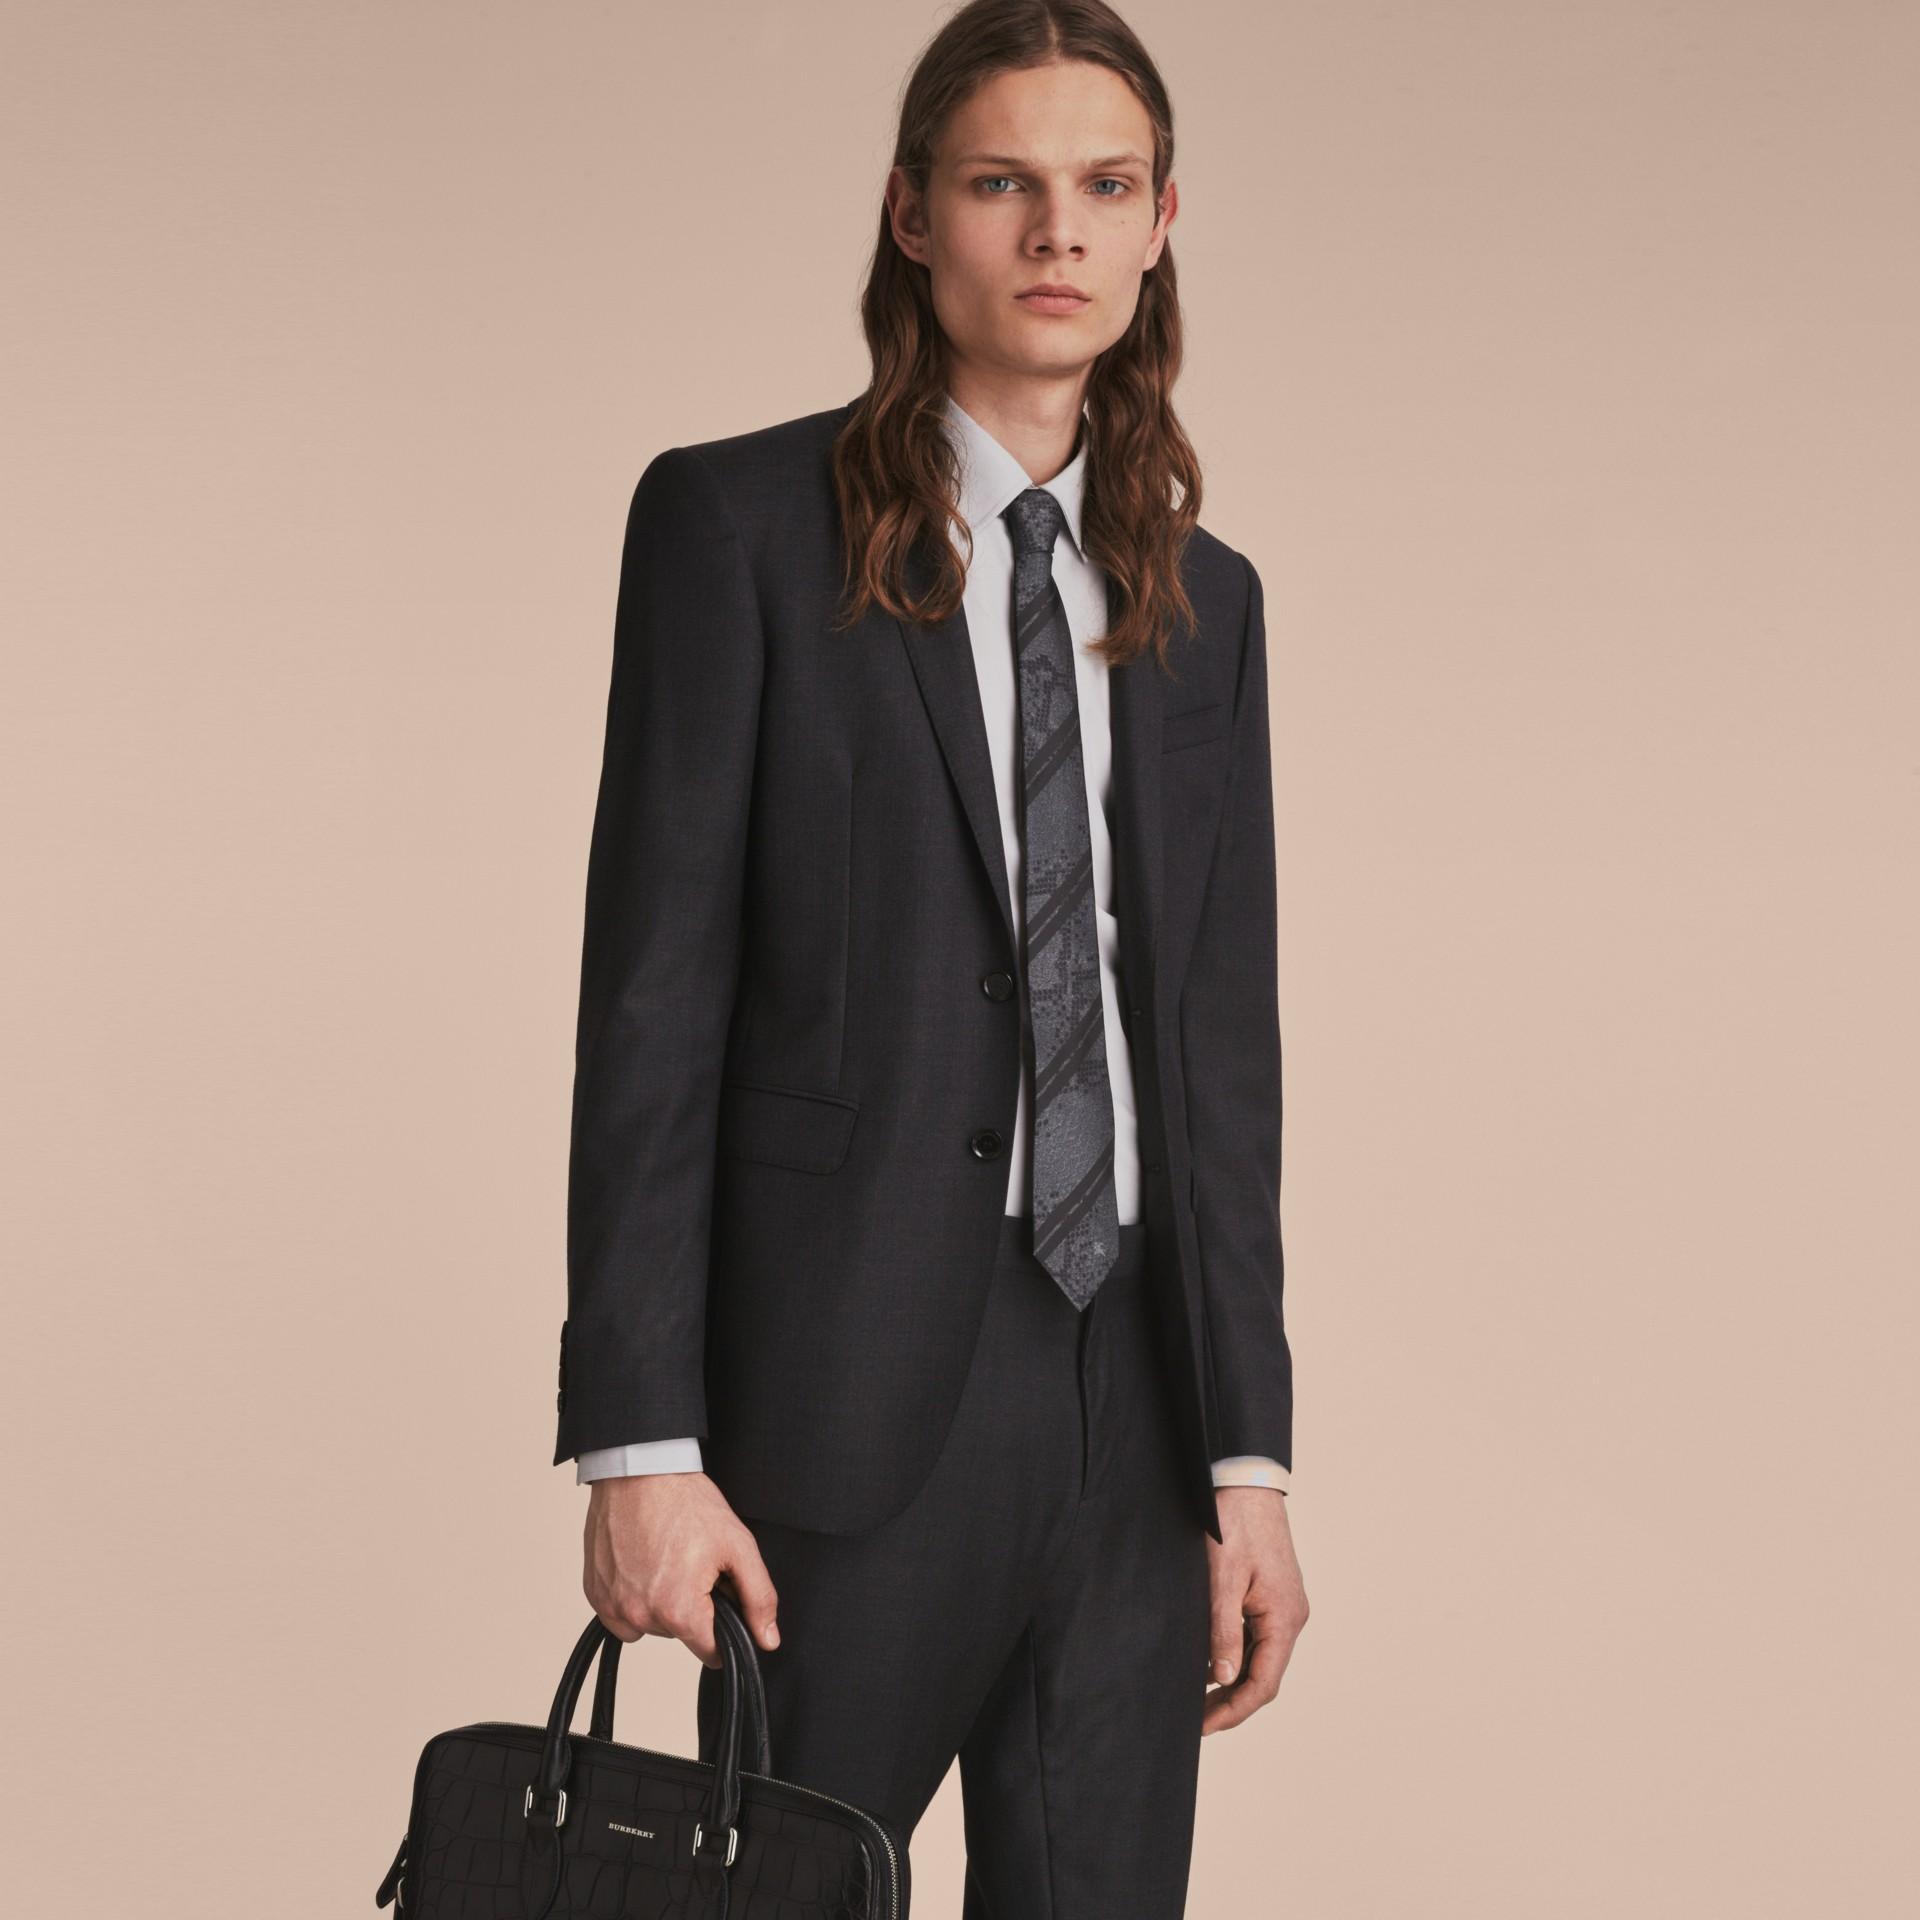 現代剪裁蟒紋提花絲質領帶 (炭灰色) - 圖庫照片 3